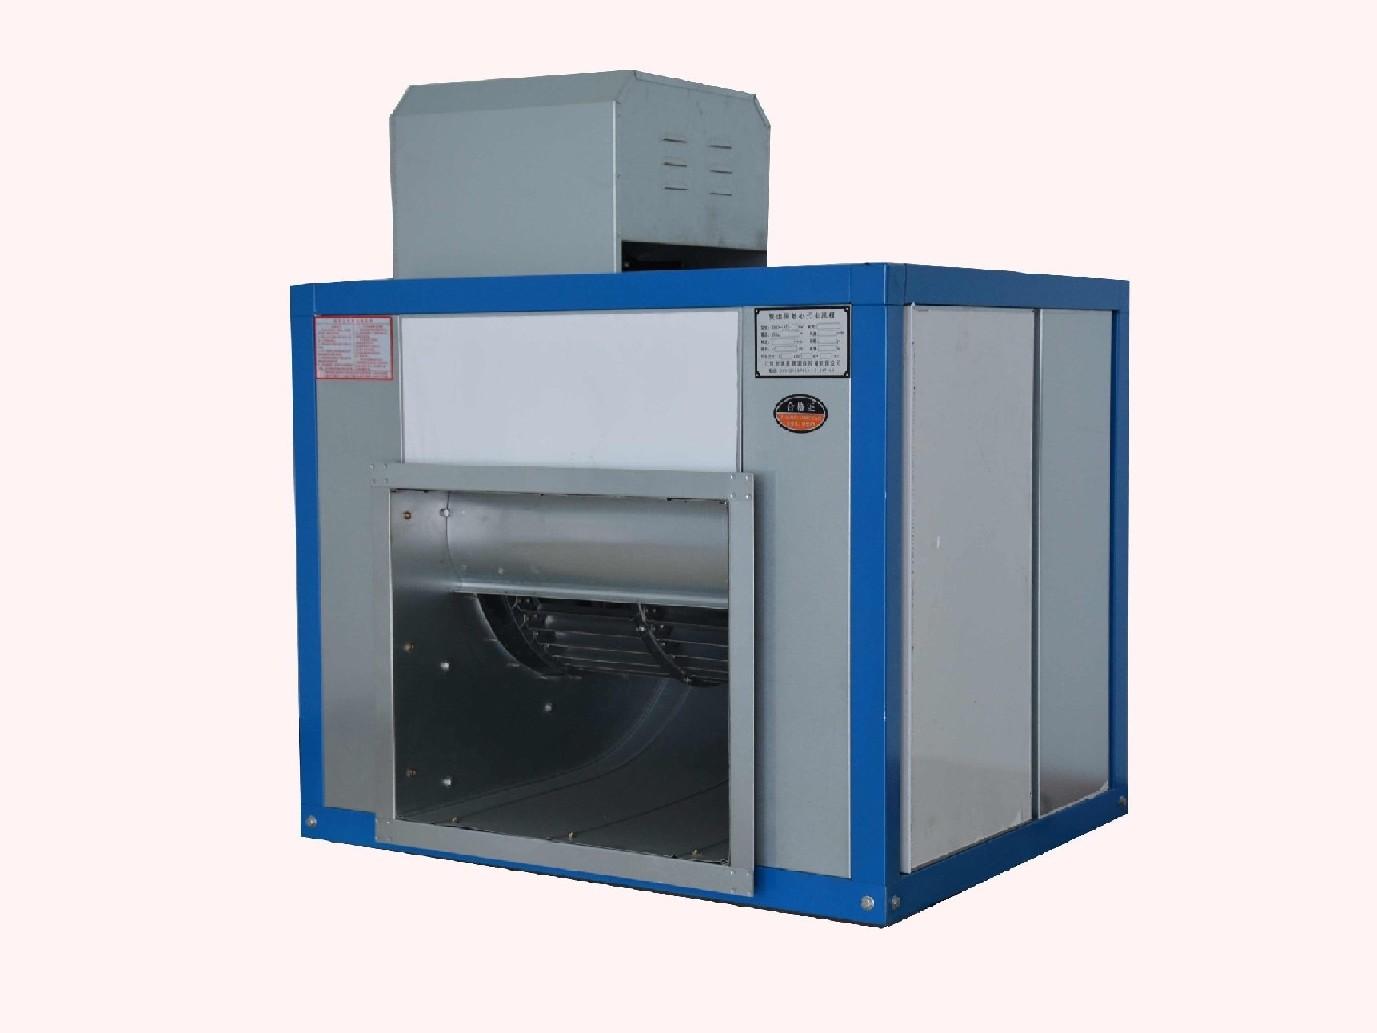 选购优惠的排风柜就选鑫世界环保科技抽风柜报价